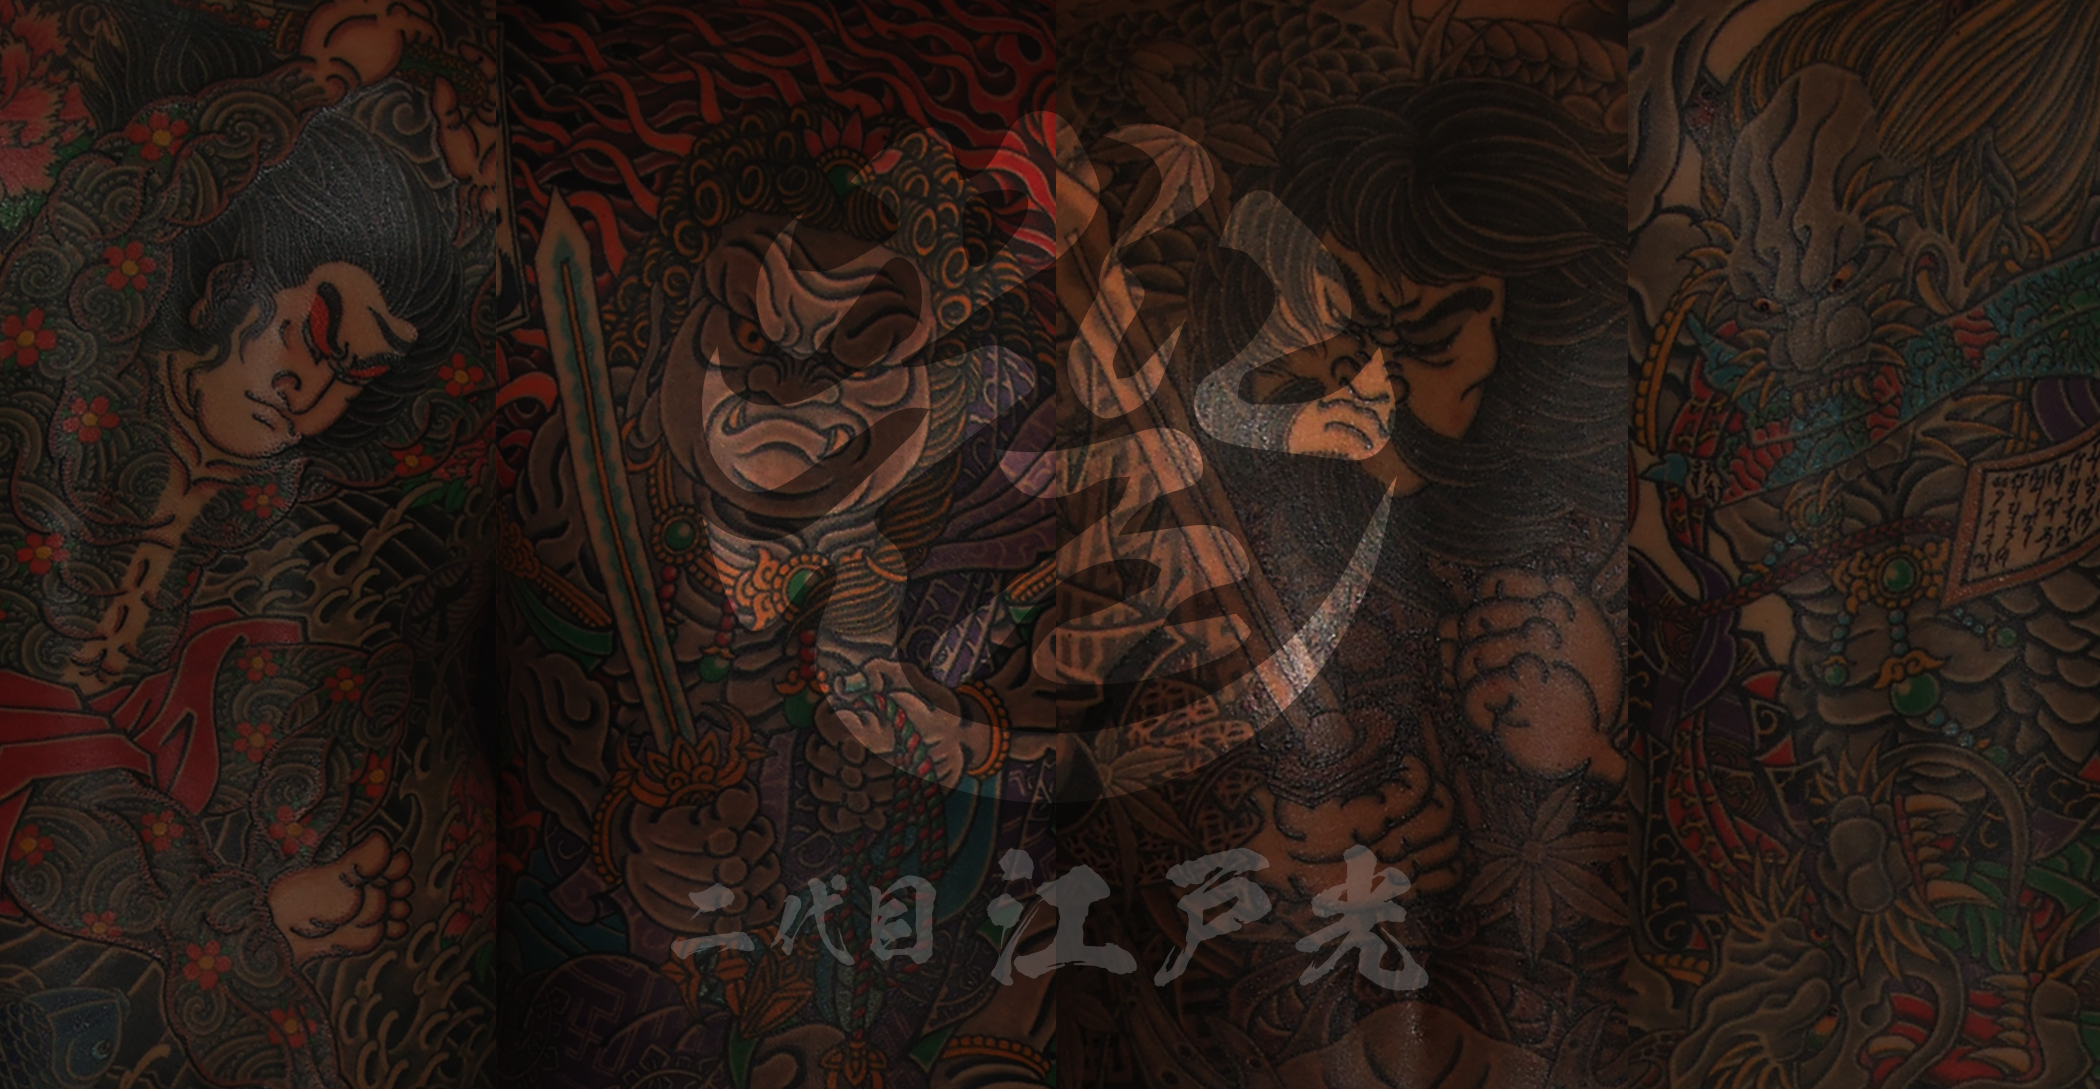 東京 刺青 タトゥー 和彫り 洋彫り 刺青師二代目江戸光